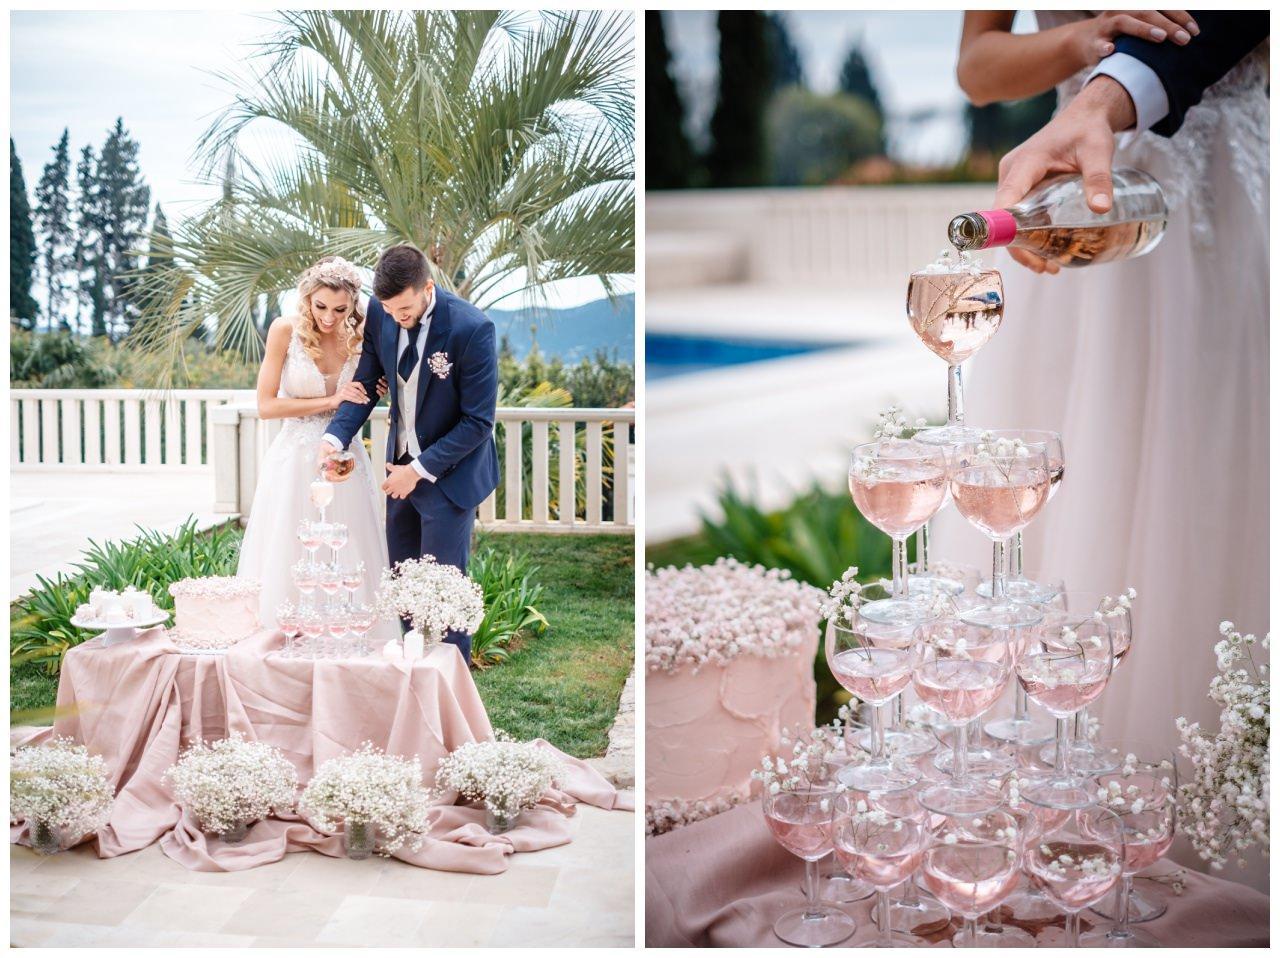 Hochzeit Villa Kroatien Hochzeitsplanung Fotograf 34 - Romantische Hochzeit in einer Villa